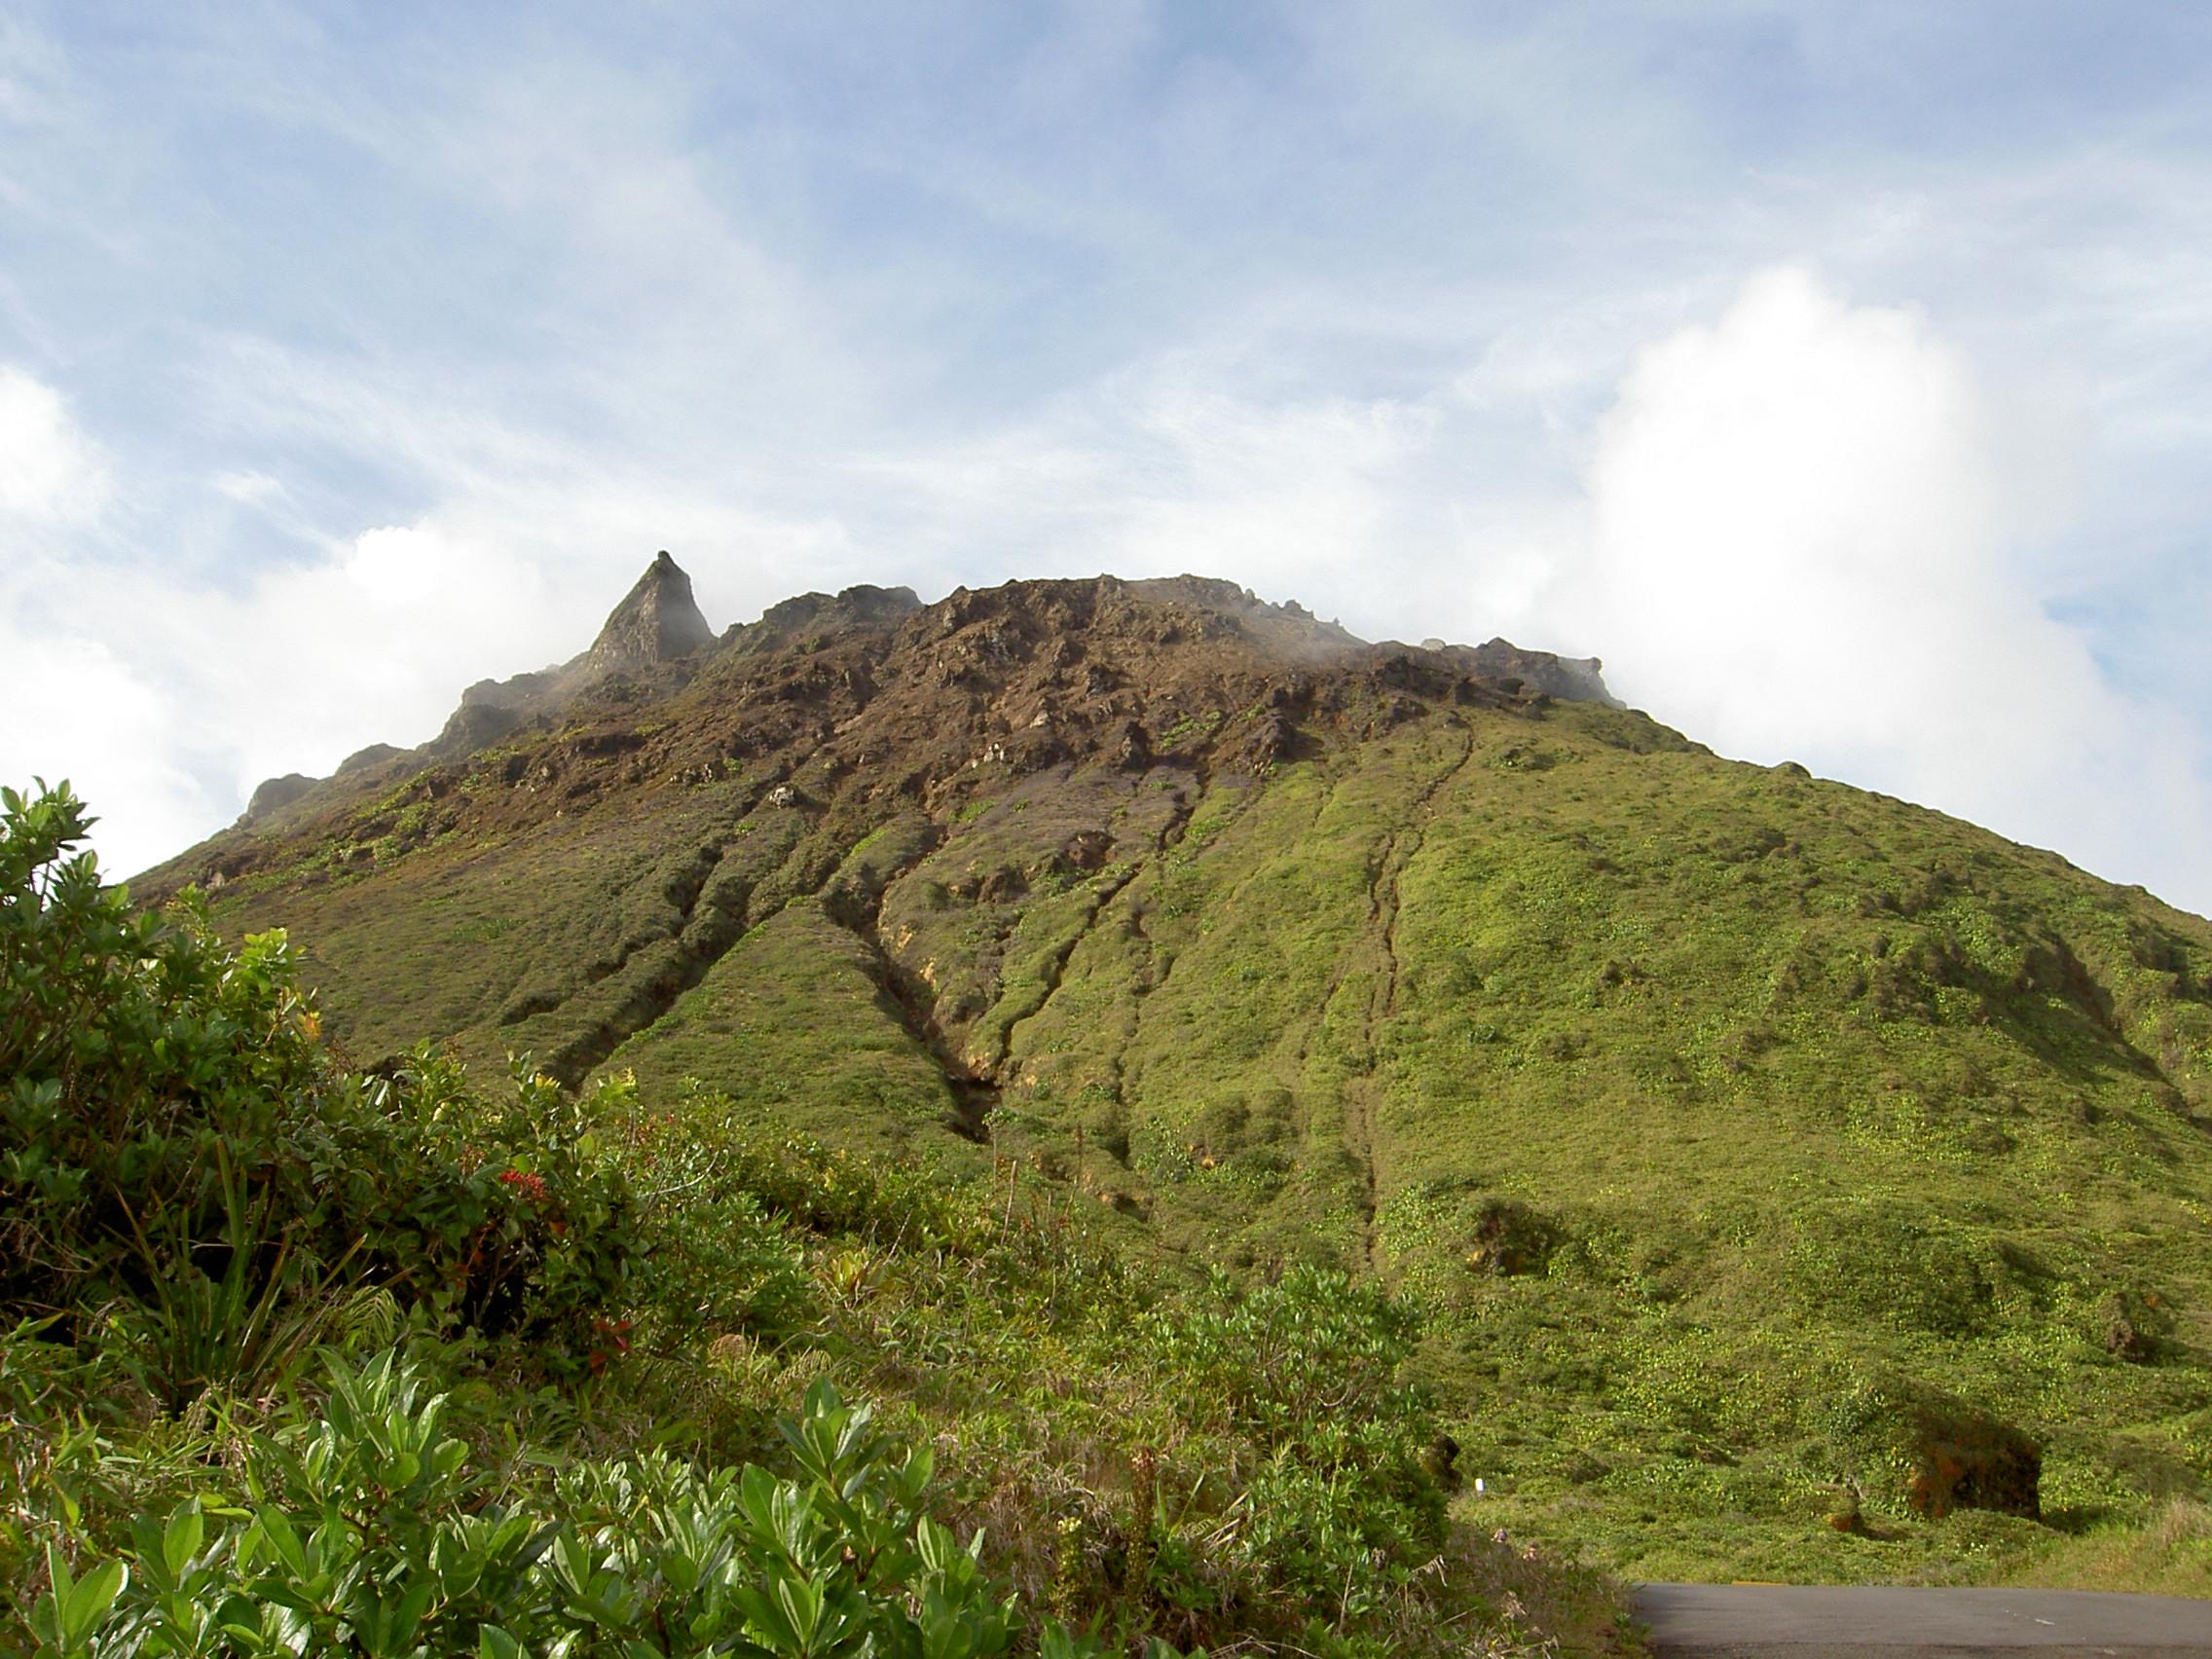 La randonnée de la soufrière, à la découverte du sommet de Guadeloupe